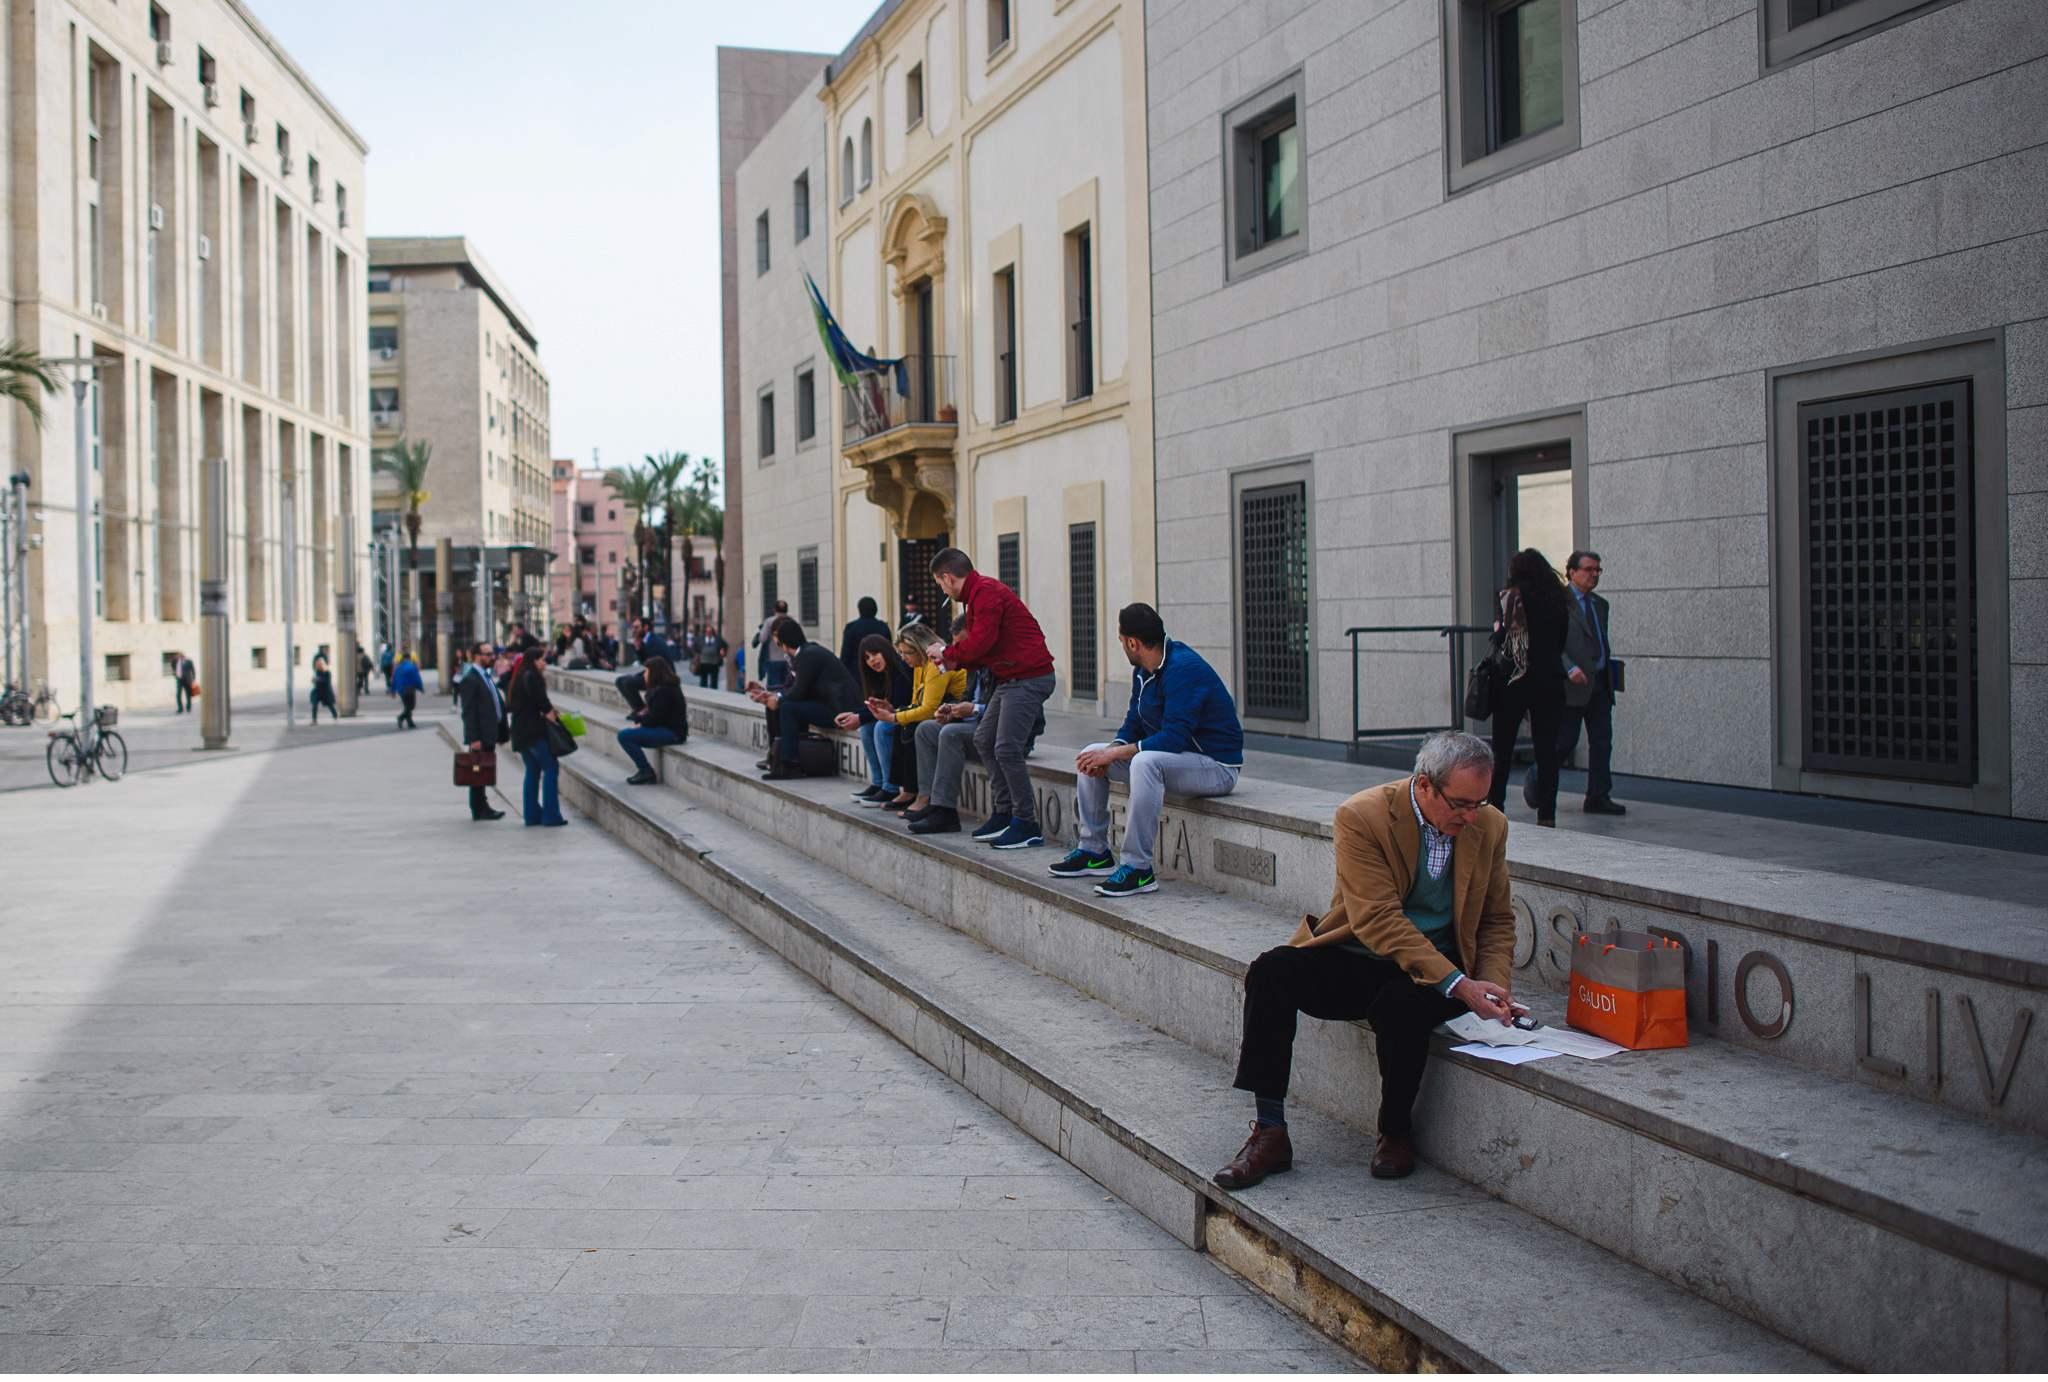 Palermo - visit Palermo - Italien - By Daniel Kempf-Seifried - Geschichten von unterwegs-129